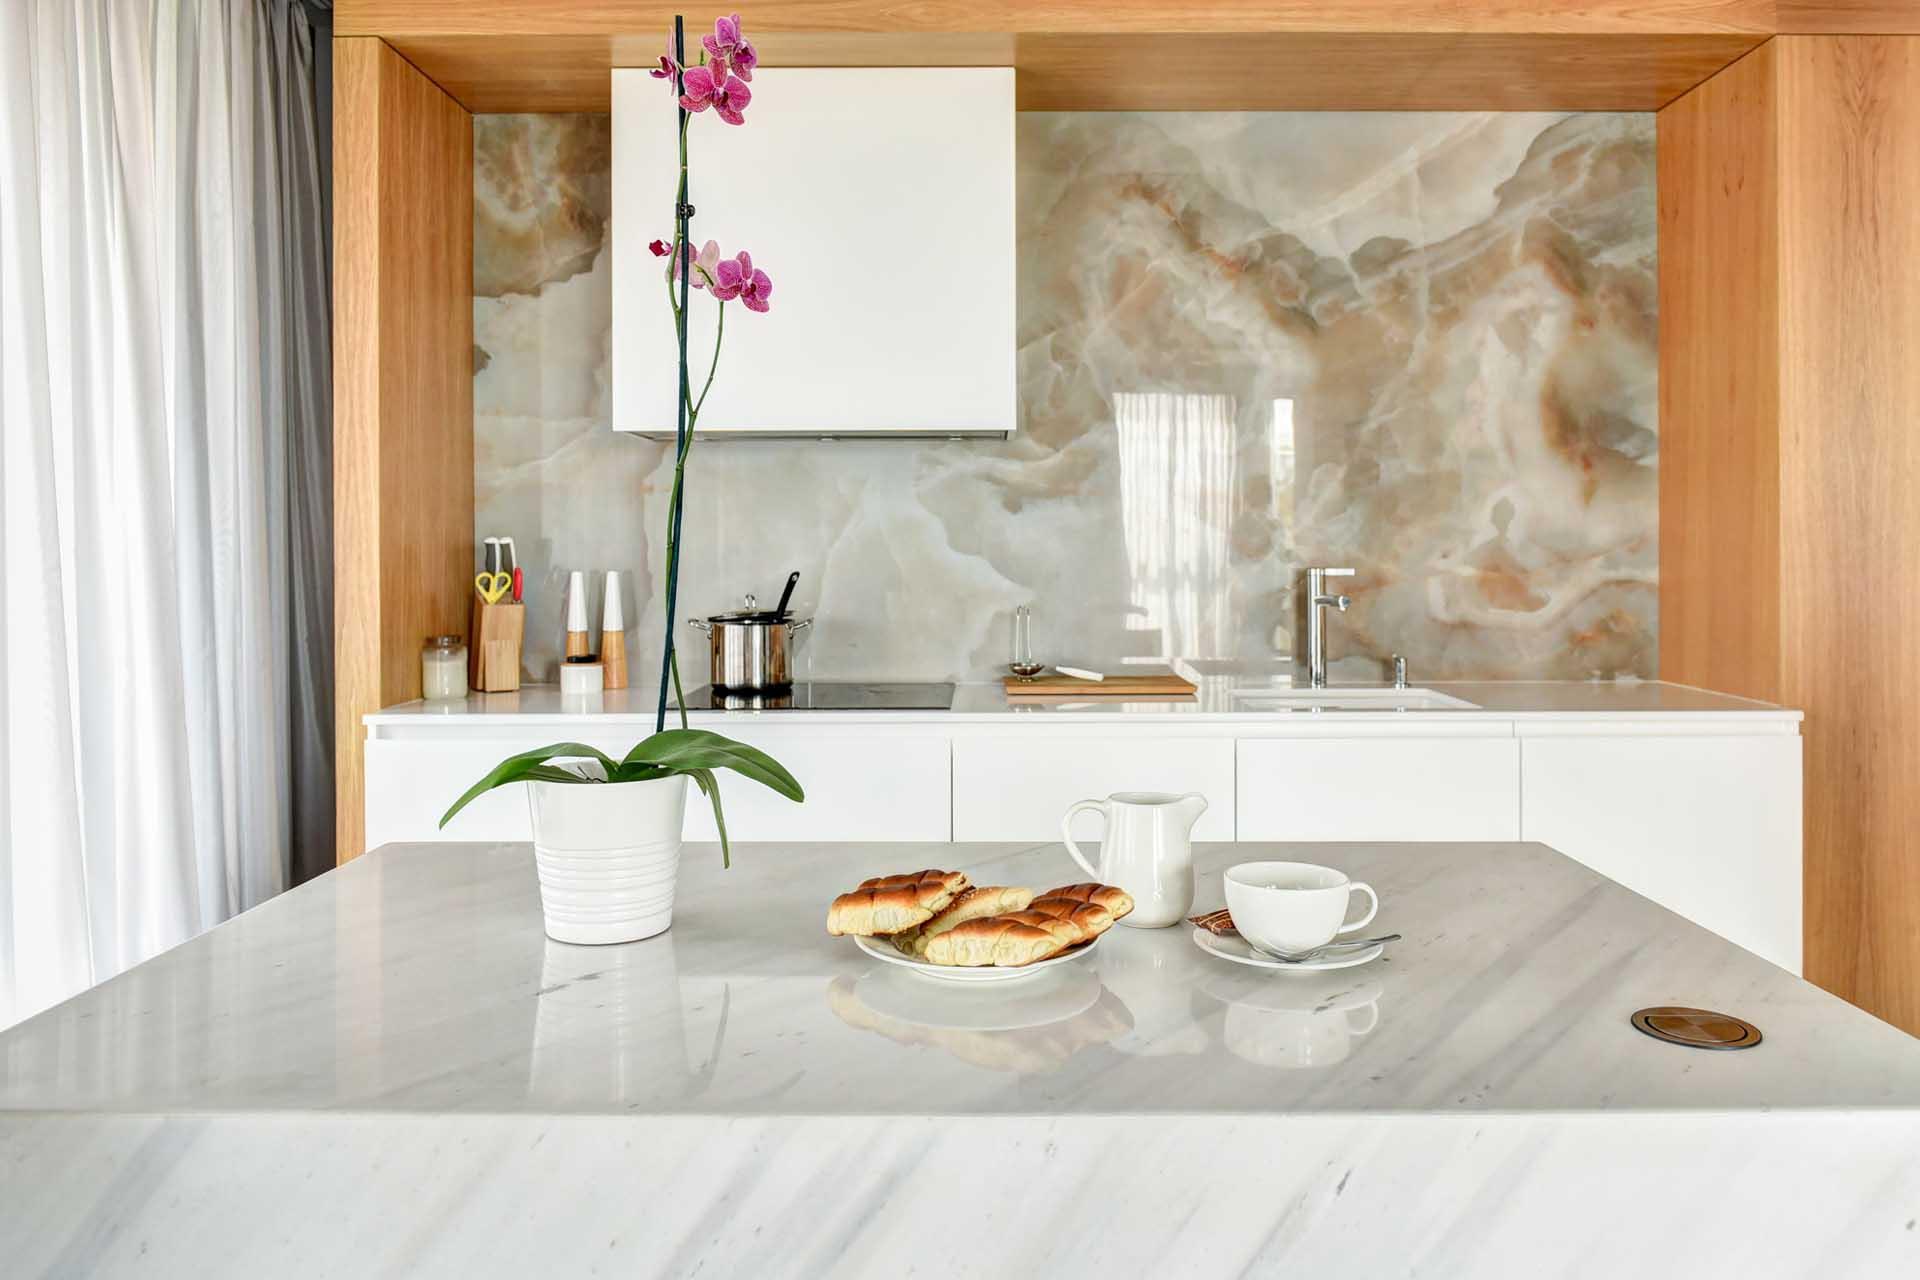 Кухненски остров от бял мрамор